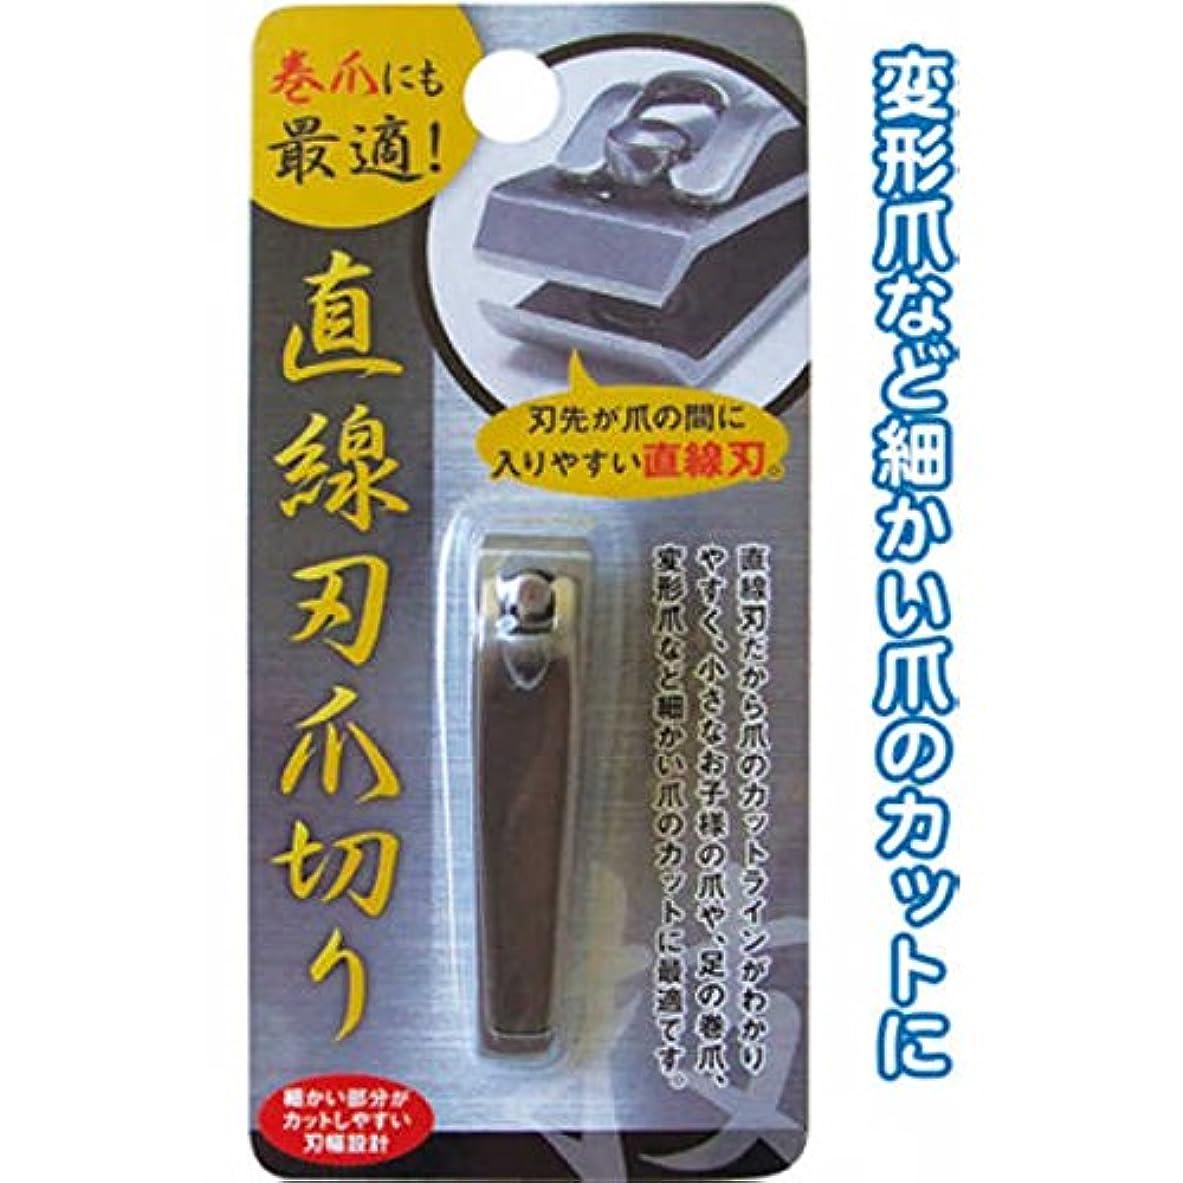 怒り滞在チップ巻爪にも最適!直線刃ステンレス爪切り 【まとめ買い12個セット】 18-601